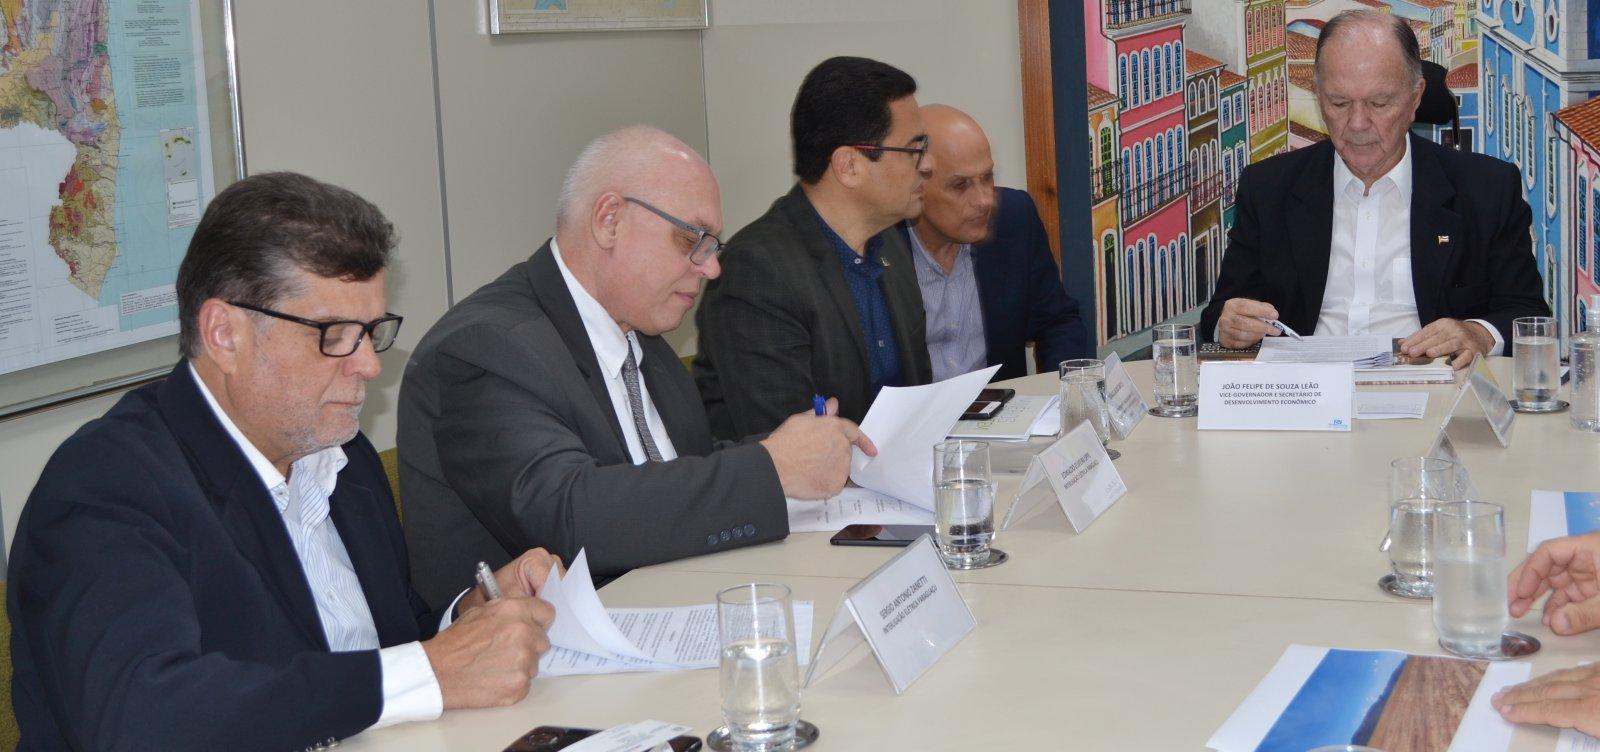 [Três empresas devem gerar 670 novos postos de trabalho na Bahia]